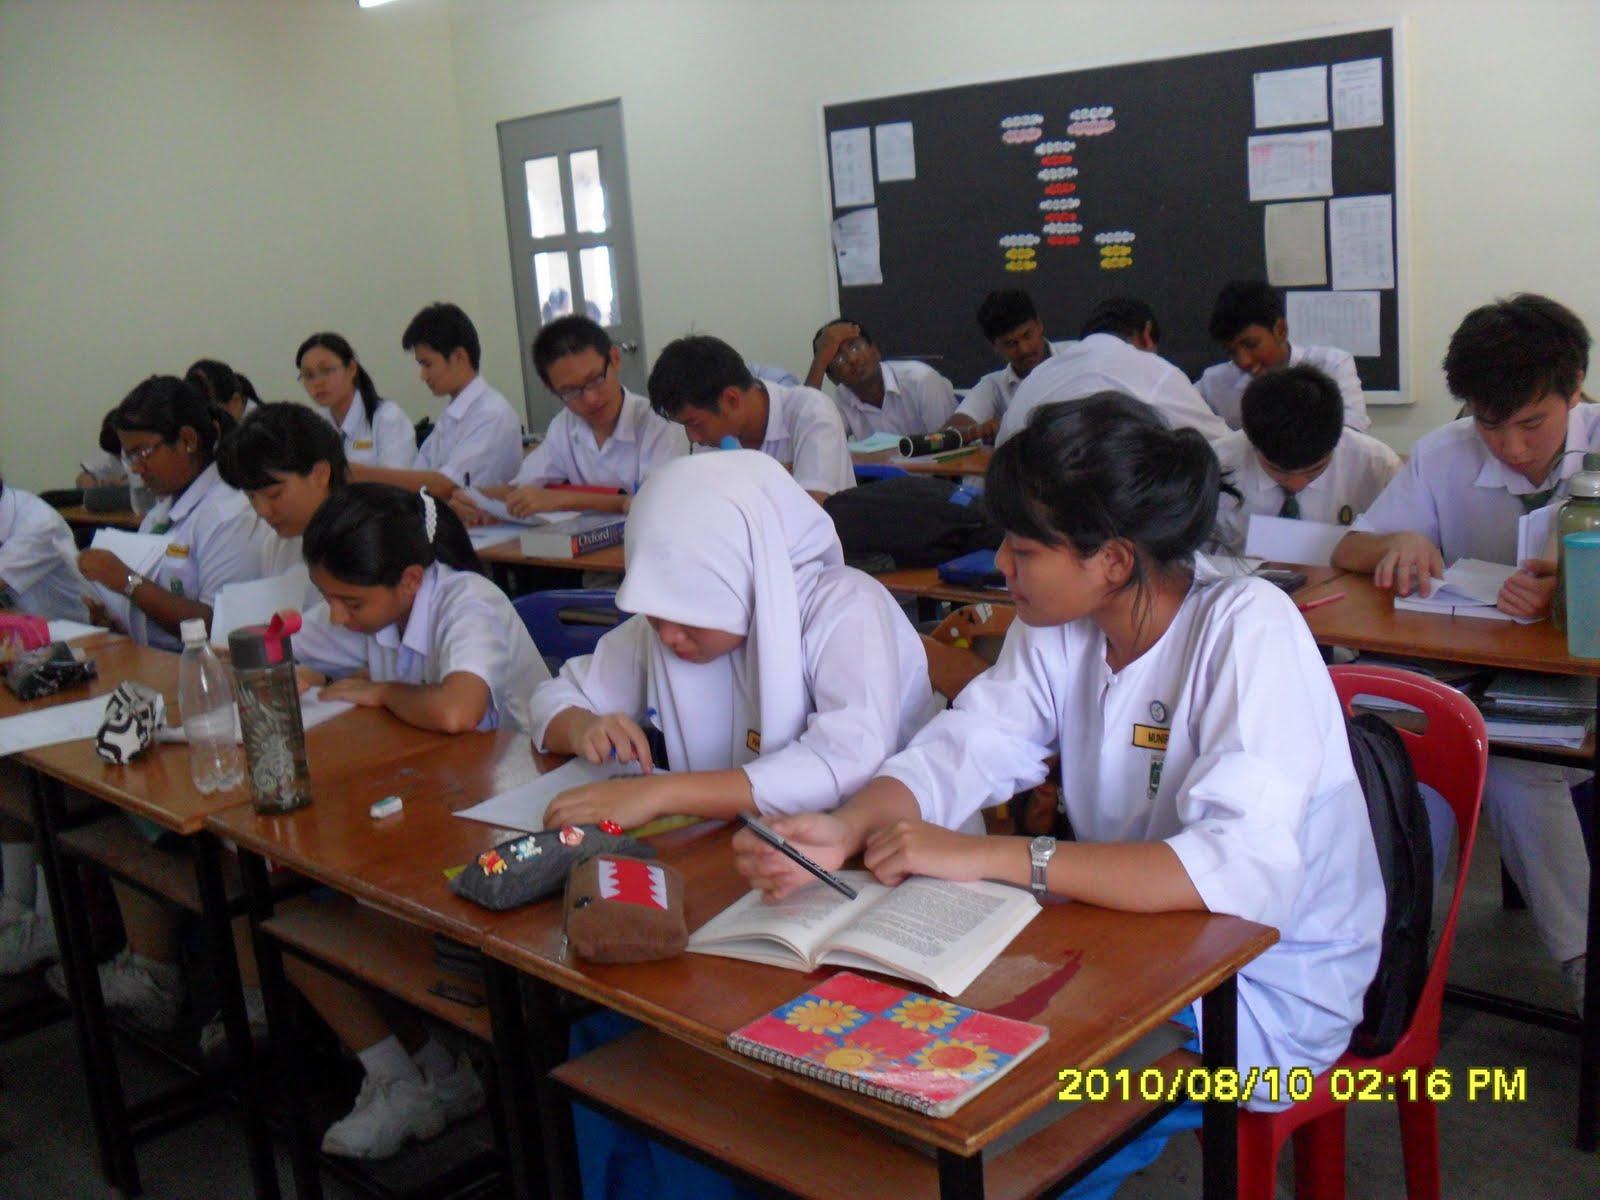 jurnal penyelidikan dalam pendidikan